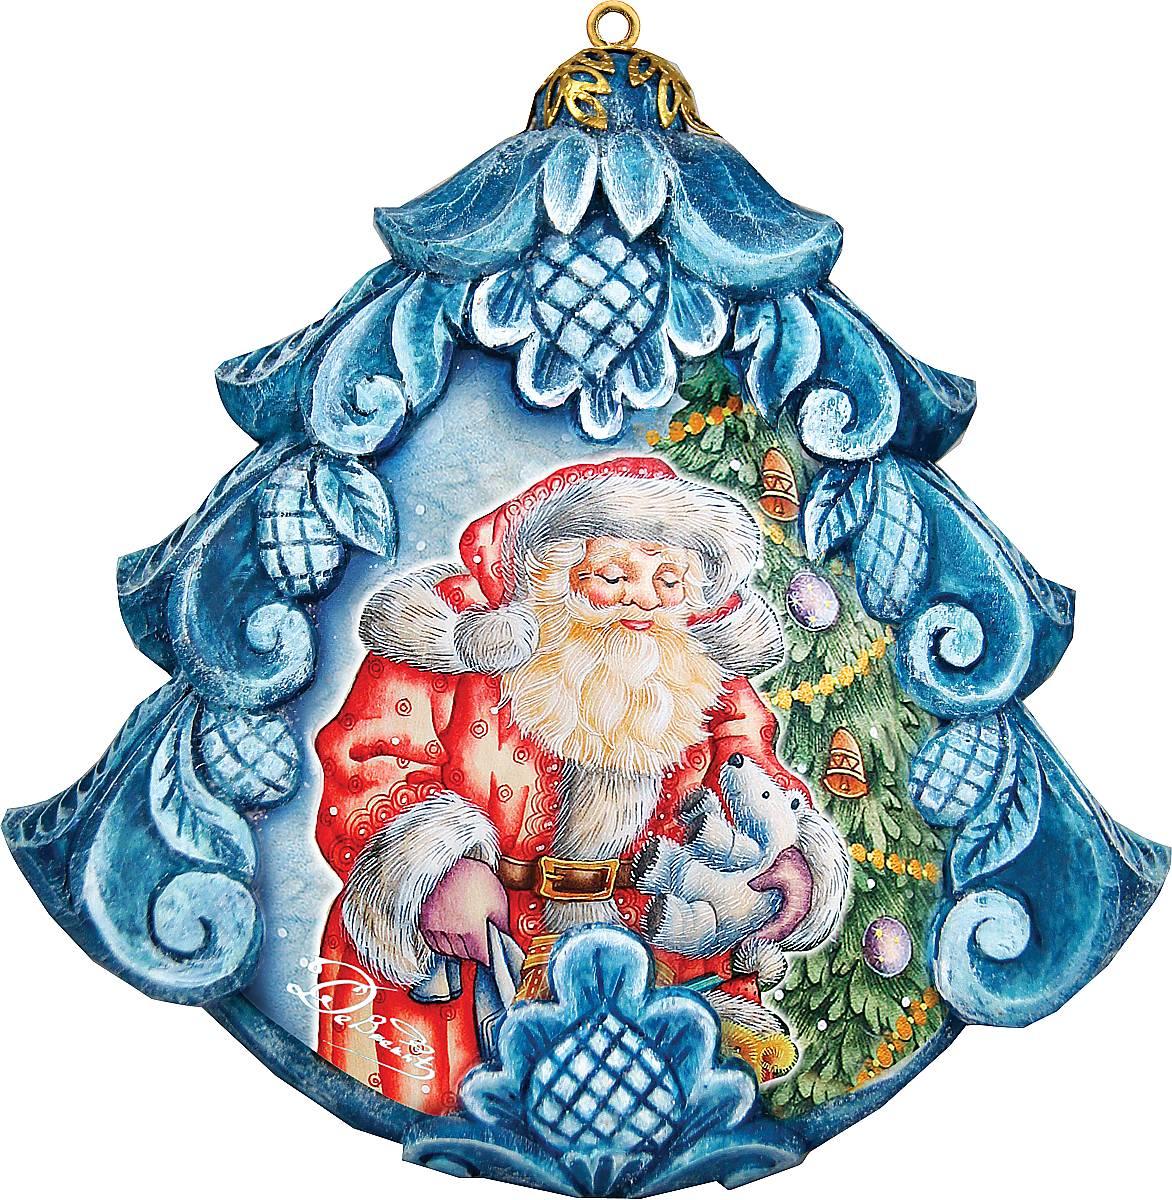 Украшение новогоднее подвесное Mister Christmas, коллекционное, высота 10 см. US 610271US 610271Коллекционное украшение Mister Christmas прекрасно подойдет для праздничного декора вашего дома. Изделие выполнено из полистоуна и оснащено креплением для подвешивания на елку. Новогодние украшения несут в себе волшебство и красоту праздника. Они помогут вам украсить дом к предстоящим праздникам и оживить интерьер. Создайте в доме атмосферу тепла, веселья и радости, украшая его всей семьей.Кроме того, такая игрушка станет приятным подарком, который надолго сохранит память этого волшебного времени года.Высота украшения: 10 см.